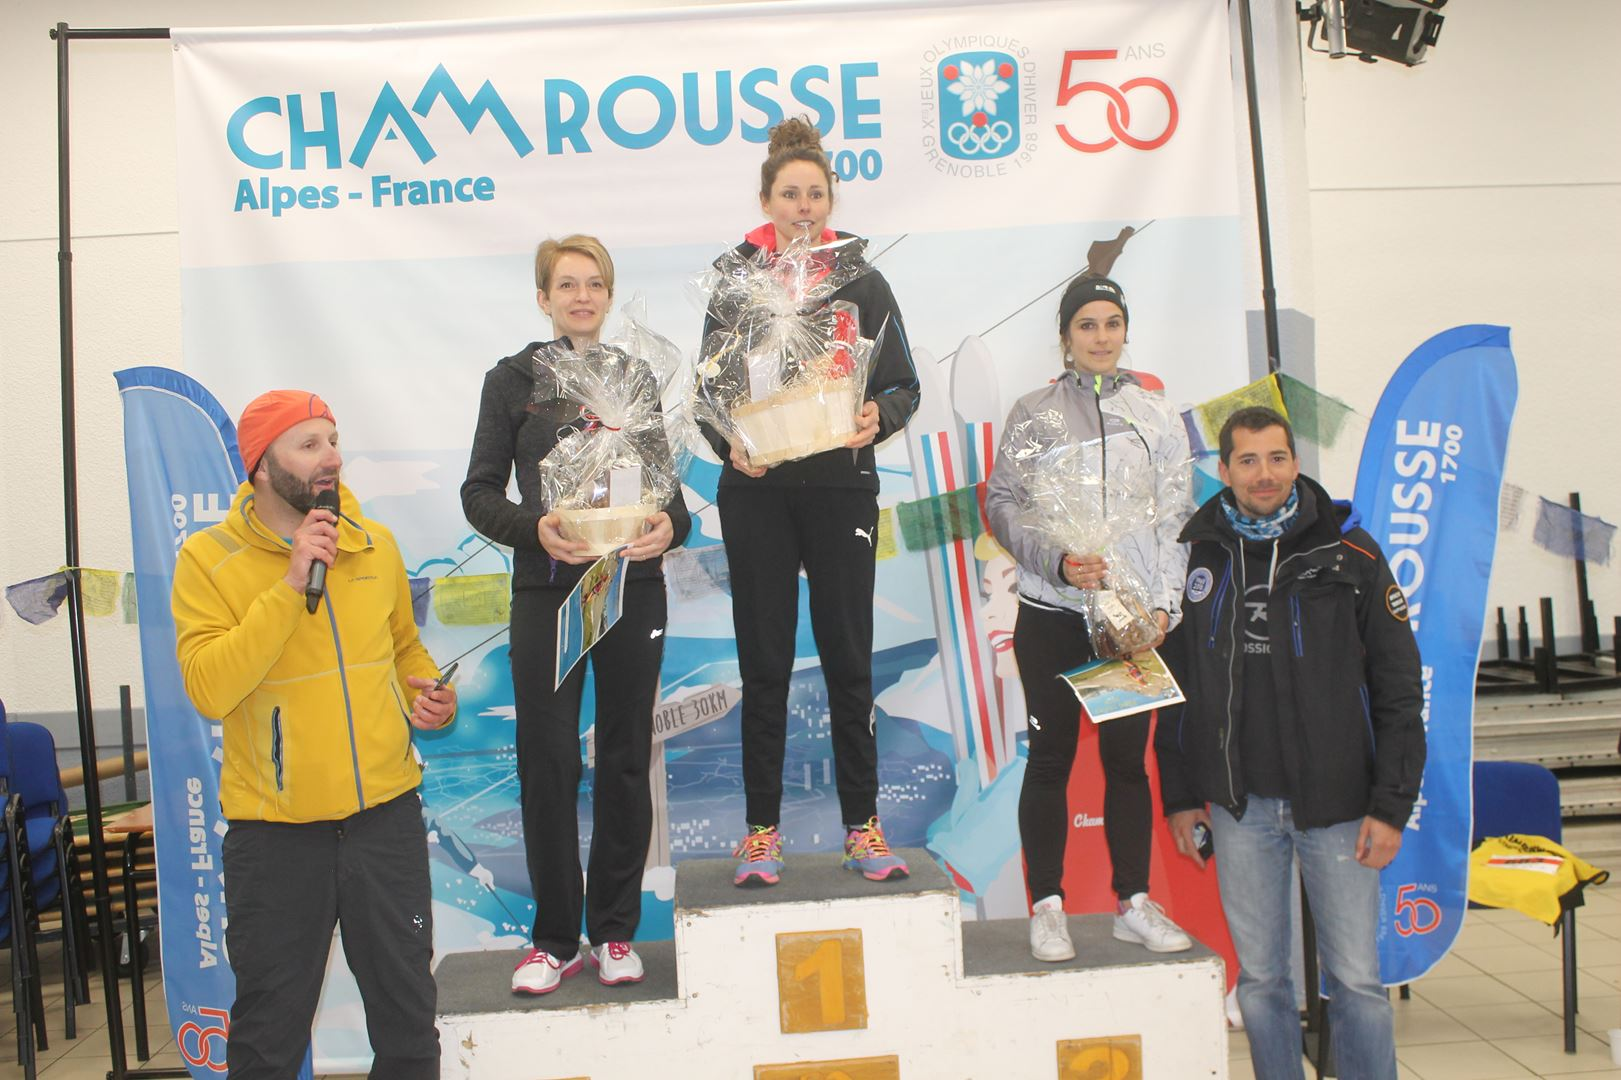 podium filles du 8km - WITT: RESULTATS, PHOTOS ET COMPTE RENDU DU TRAIL BLANC DE CHAMROUSSE 01-04-2018